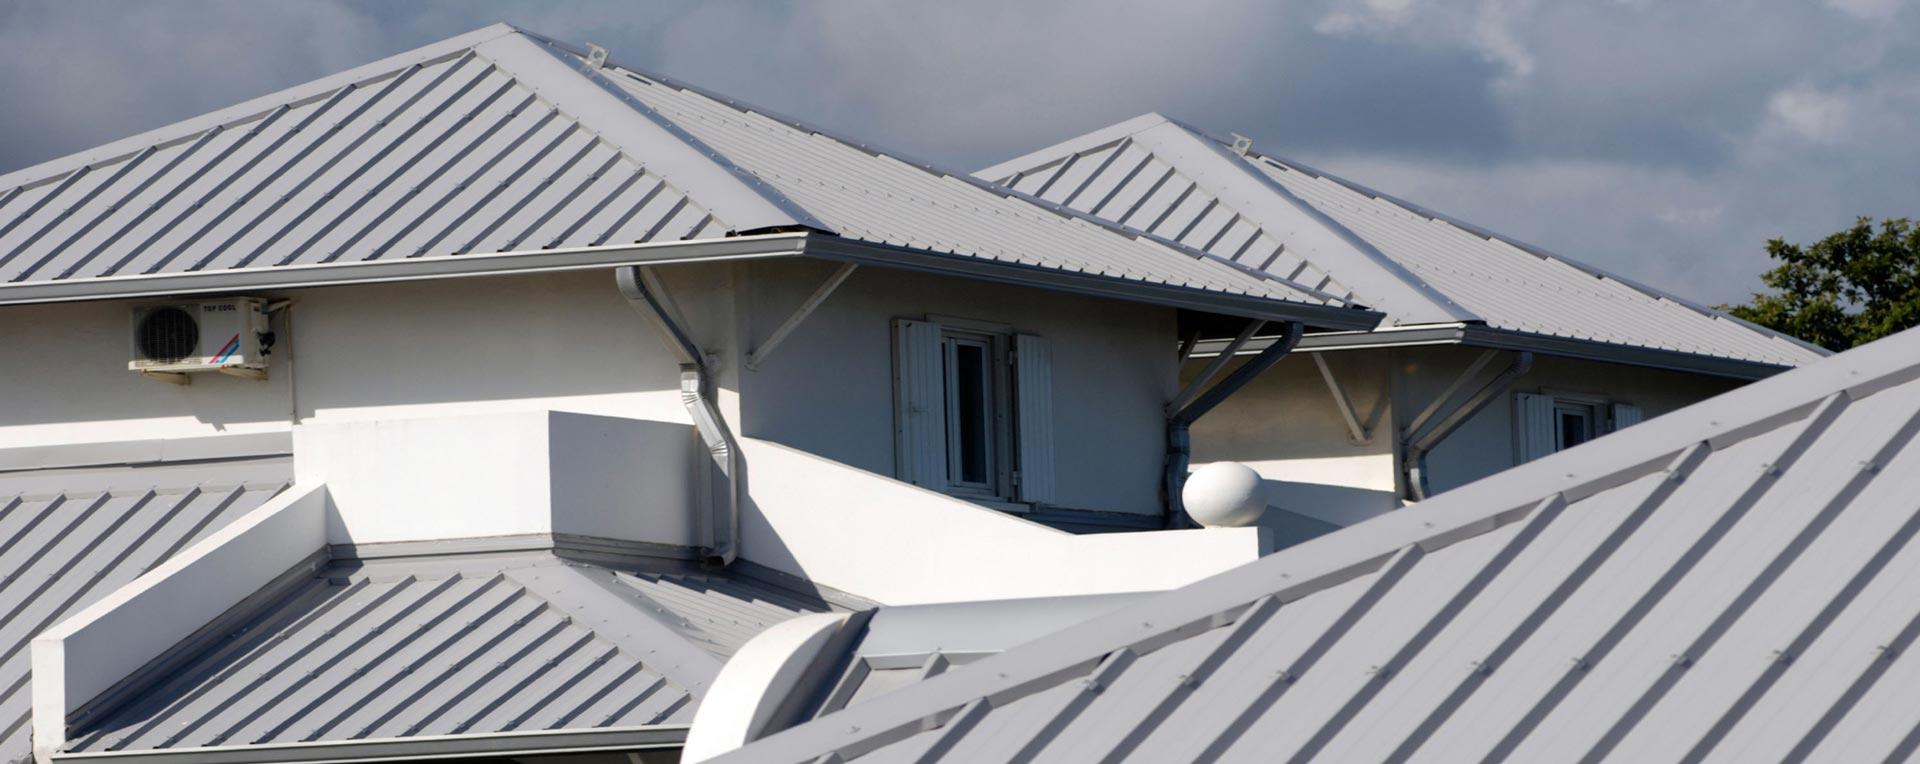 Крыша из профнастила своими руками: как покрыть правильно 11